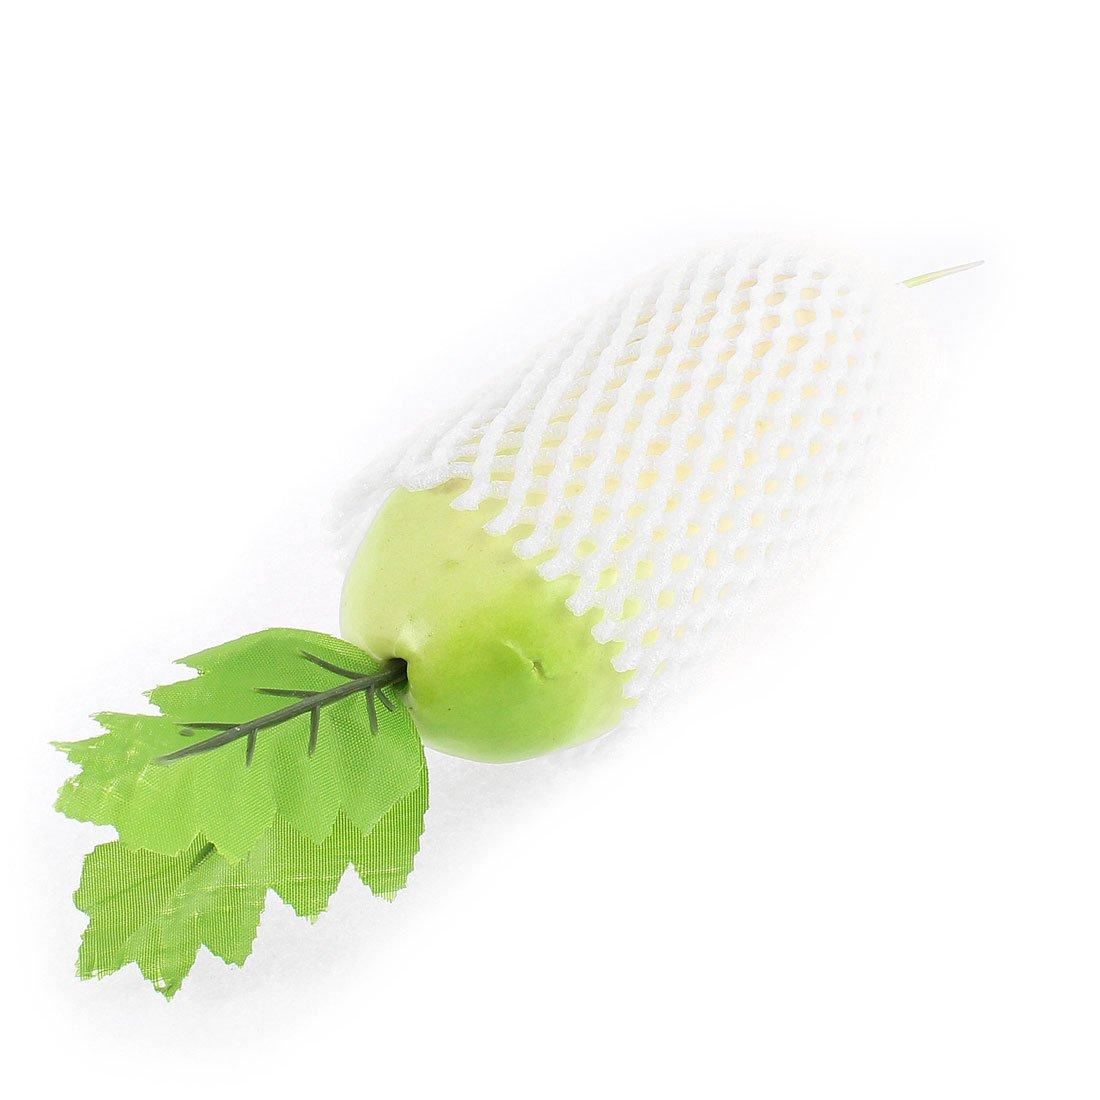 Plastica-rapa Raphanus Sativus Radish verdure colore bianco